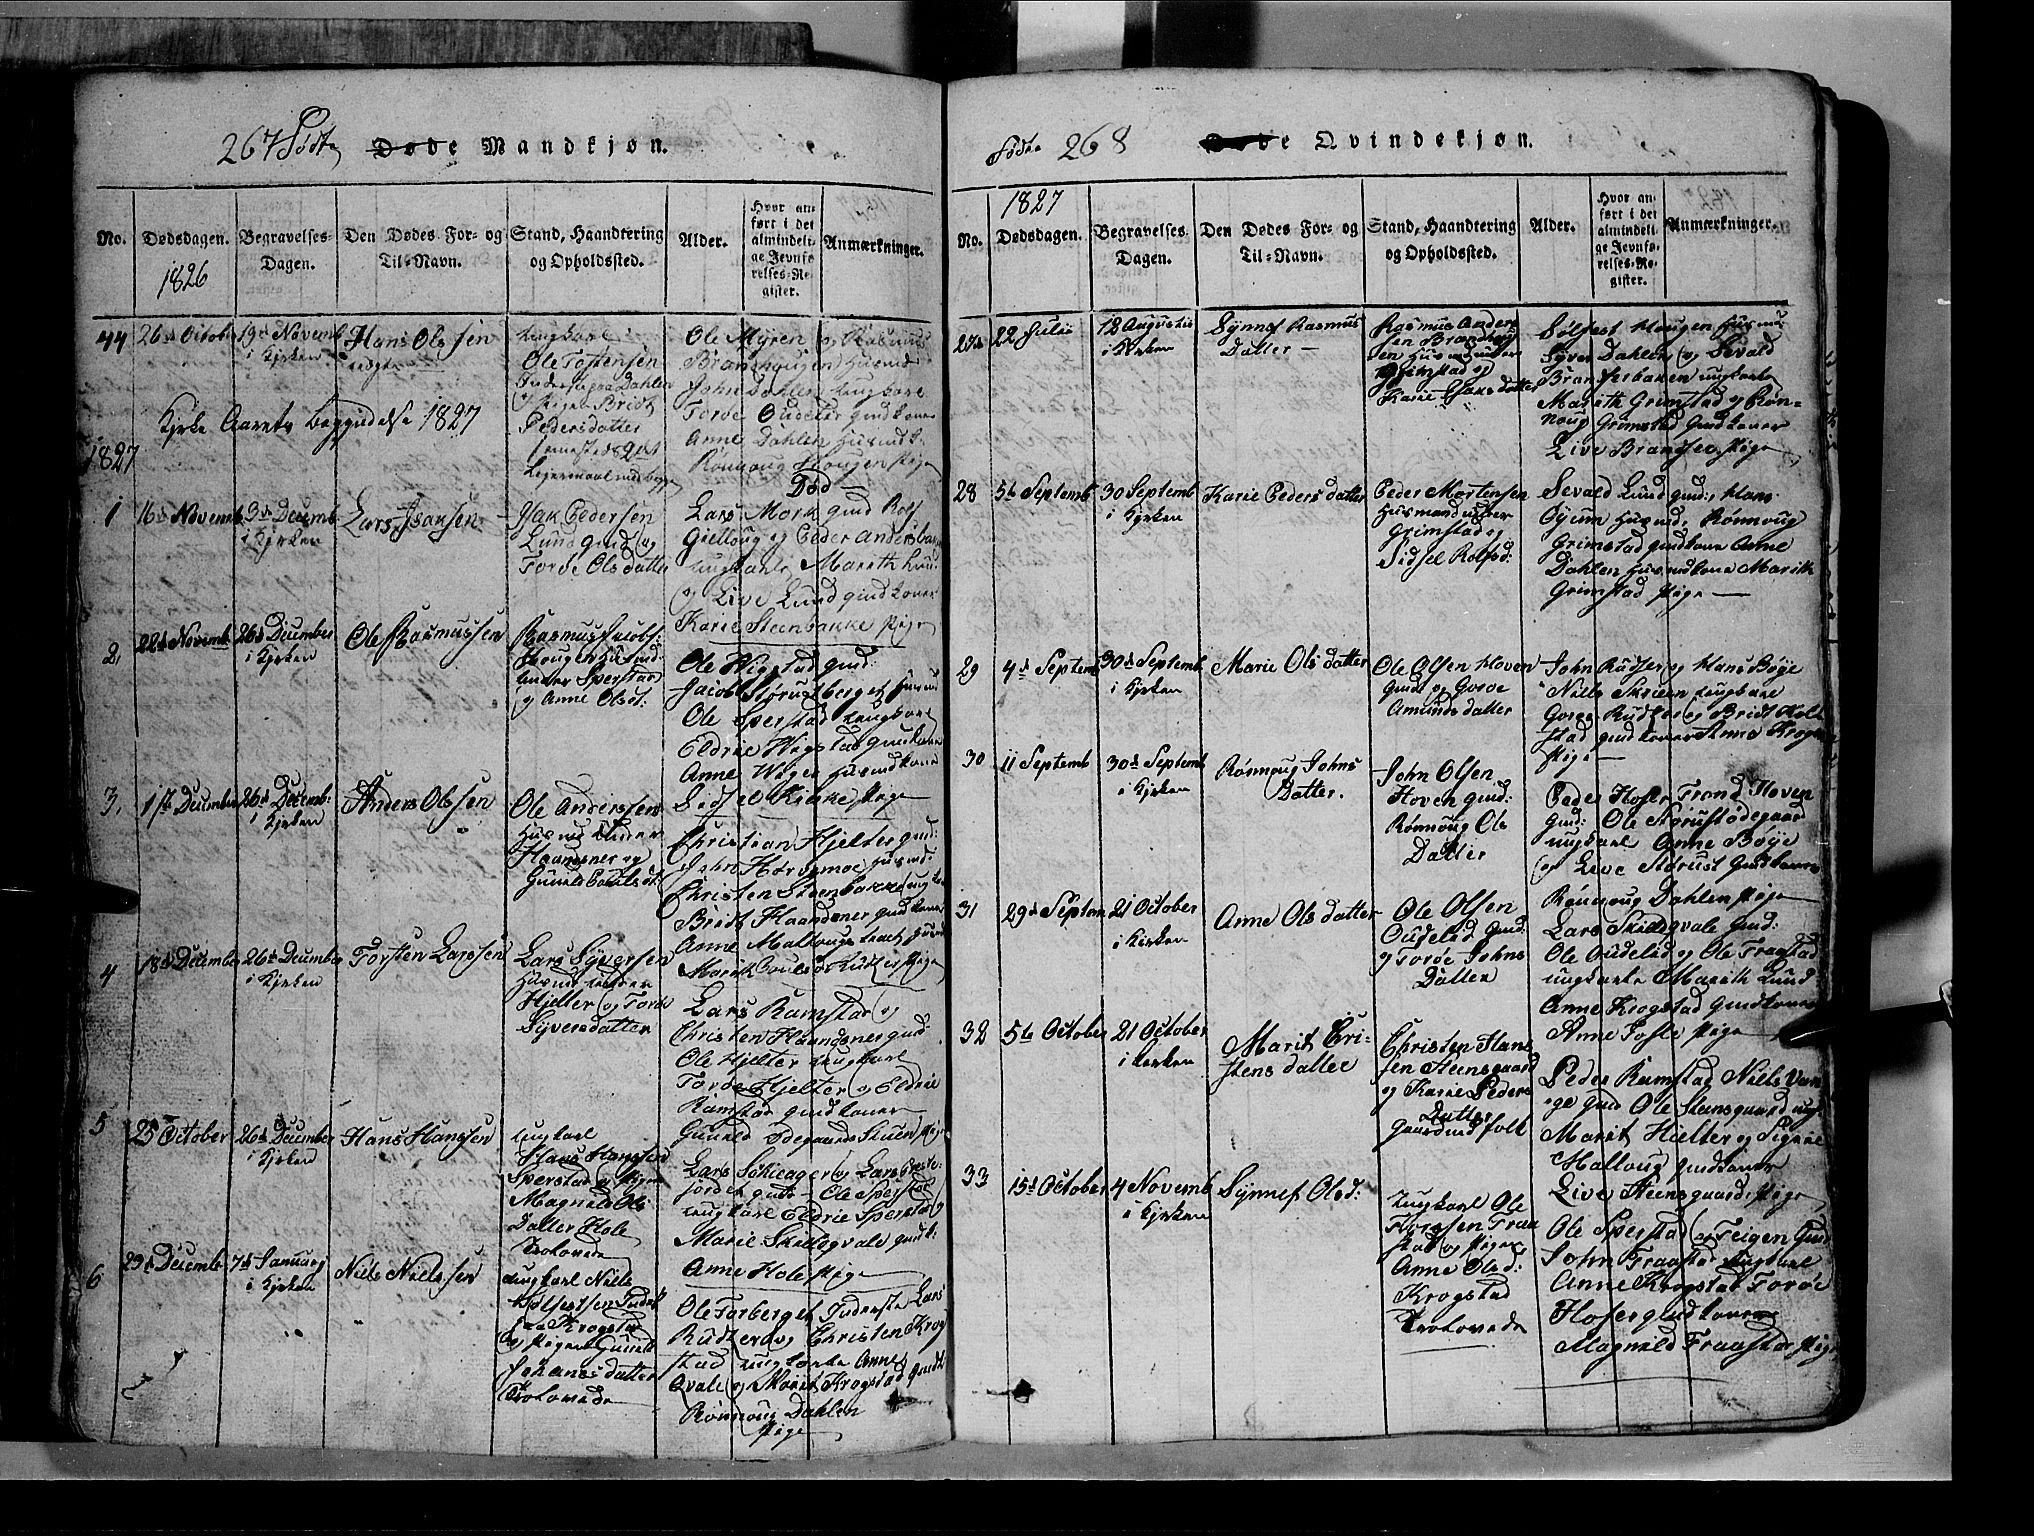 SAH, Lom prestekontor, L/L0003: Klokkerbok nr. 3, 1815-1844, s. 267-268